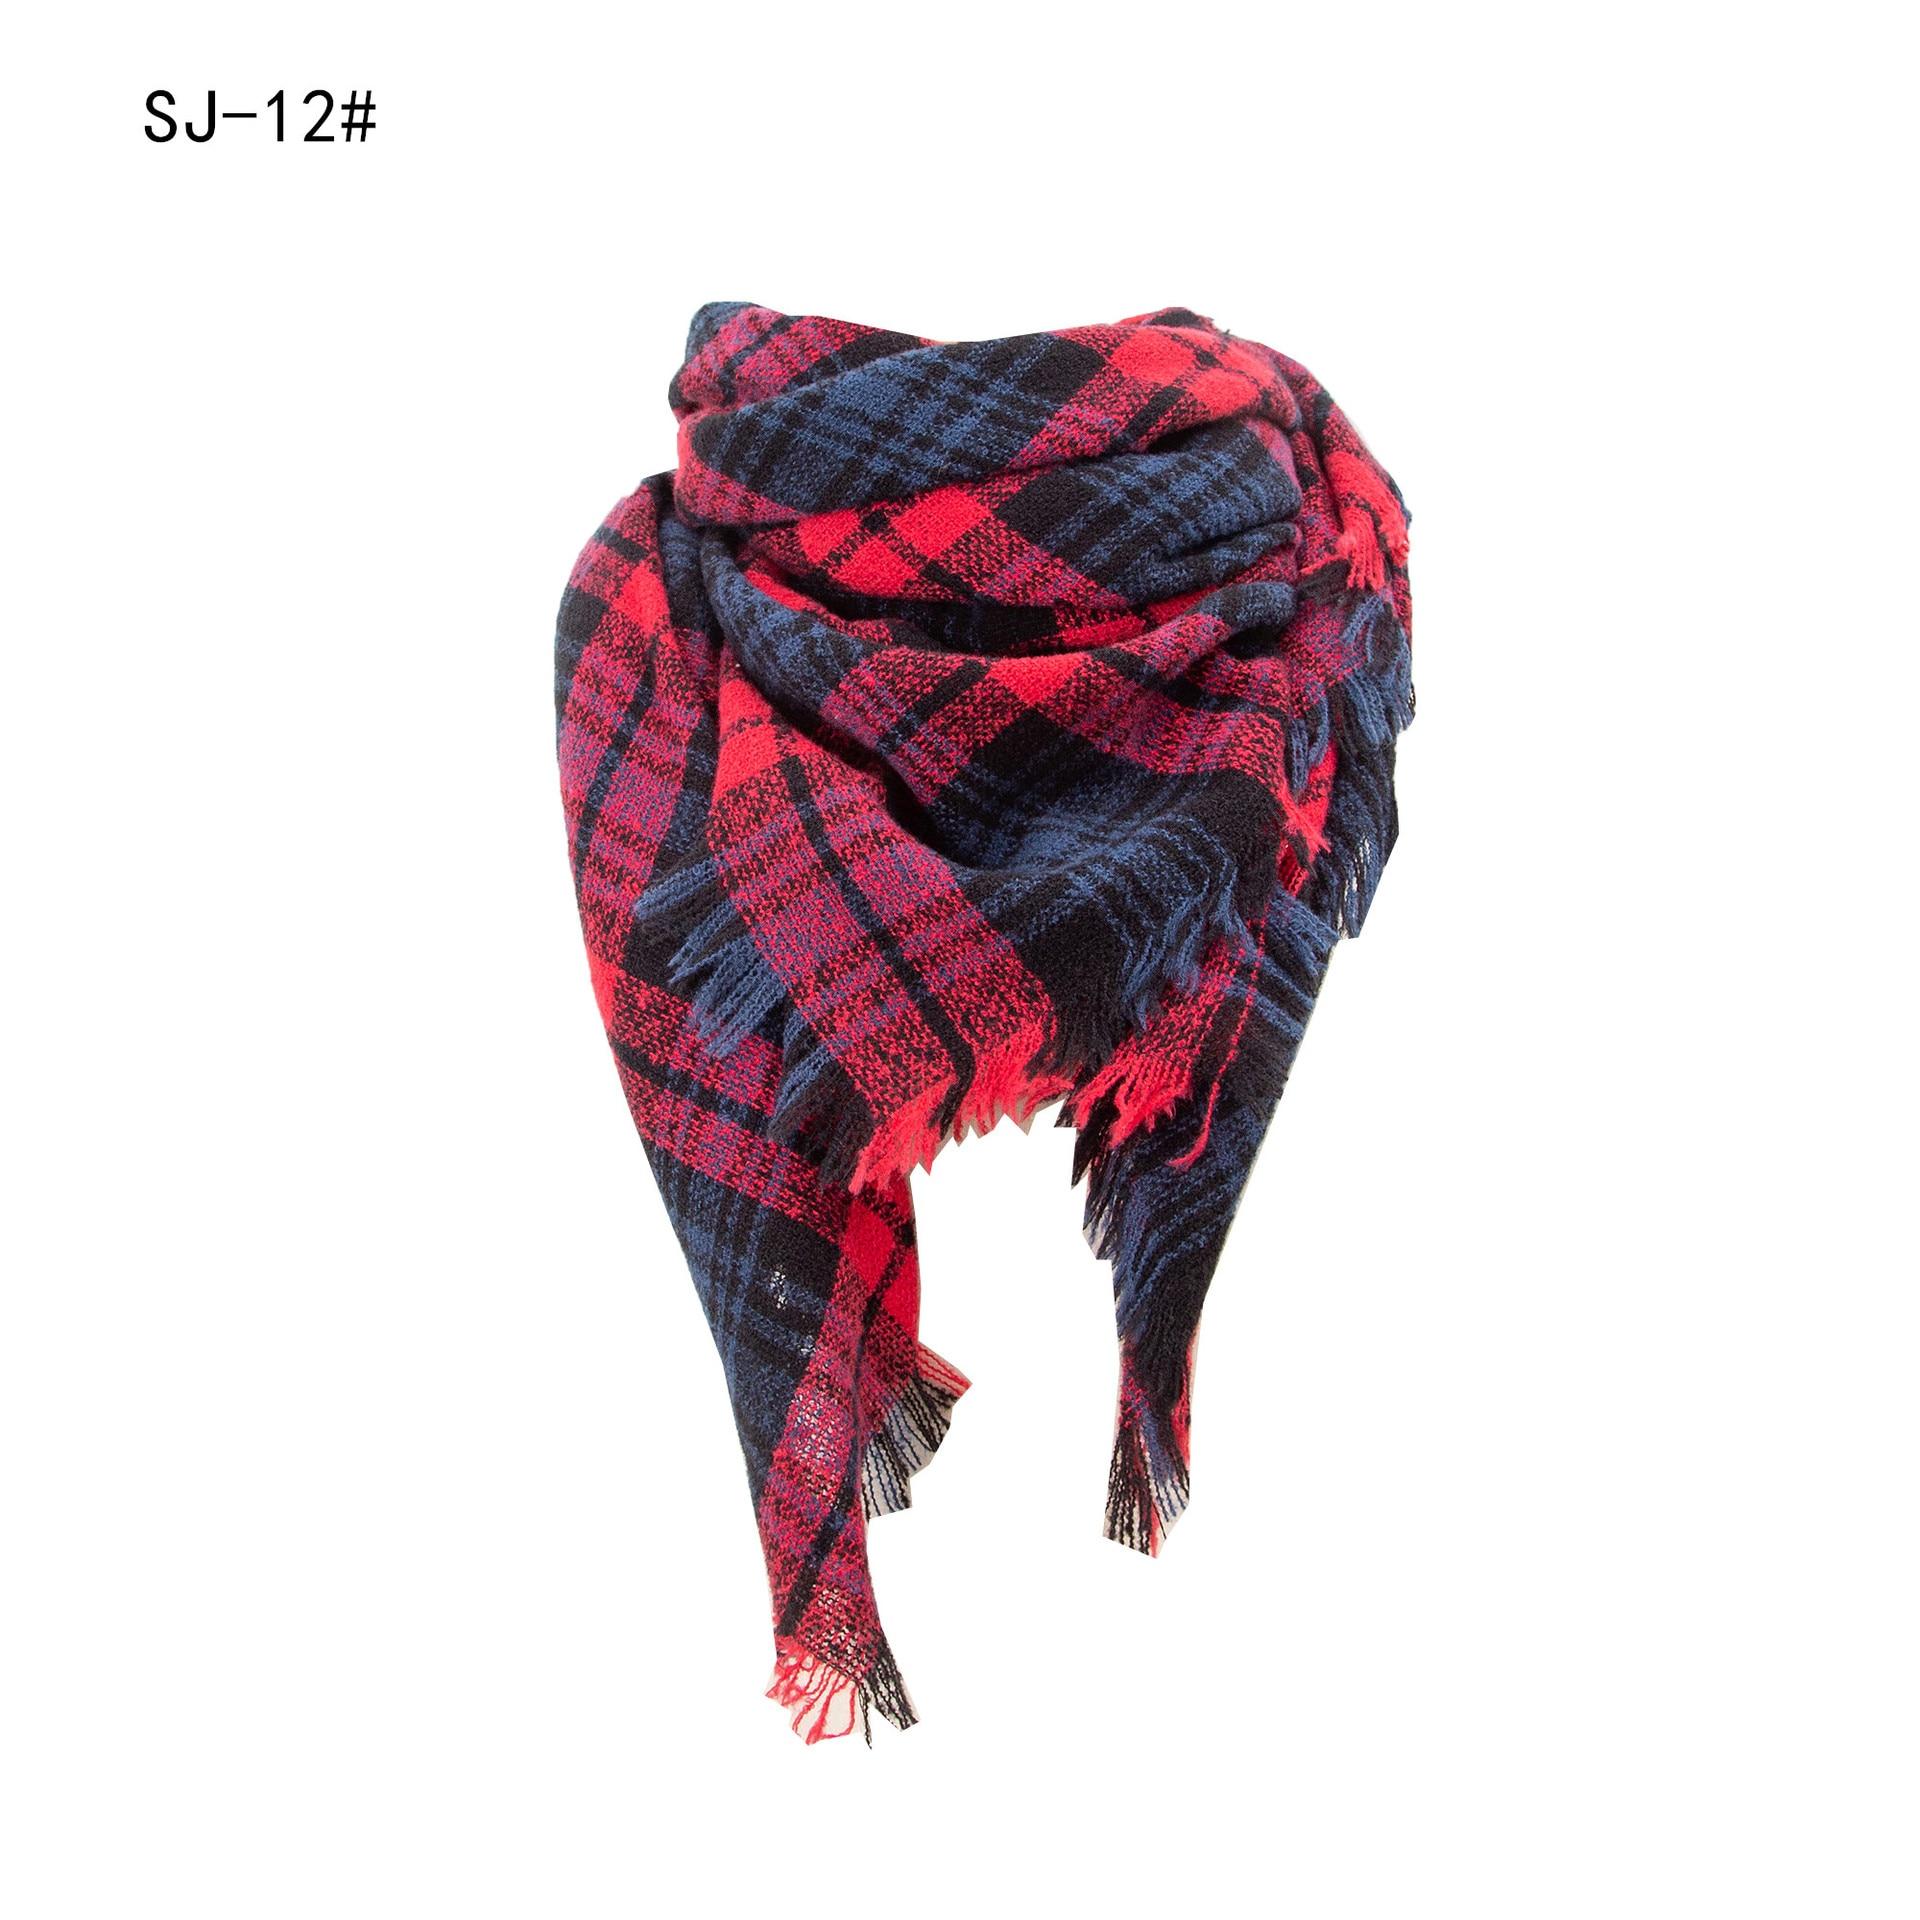 Новый европейский и американский шерстяной вязаный теплый шарф бандана в клетку треугольный шарф мусульманская женская бандана шарф нагру...